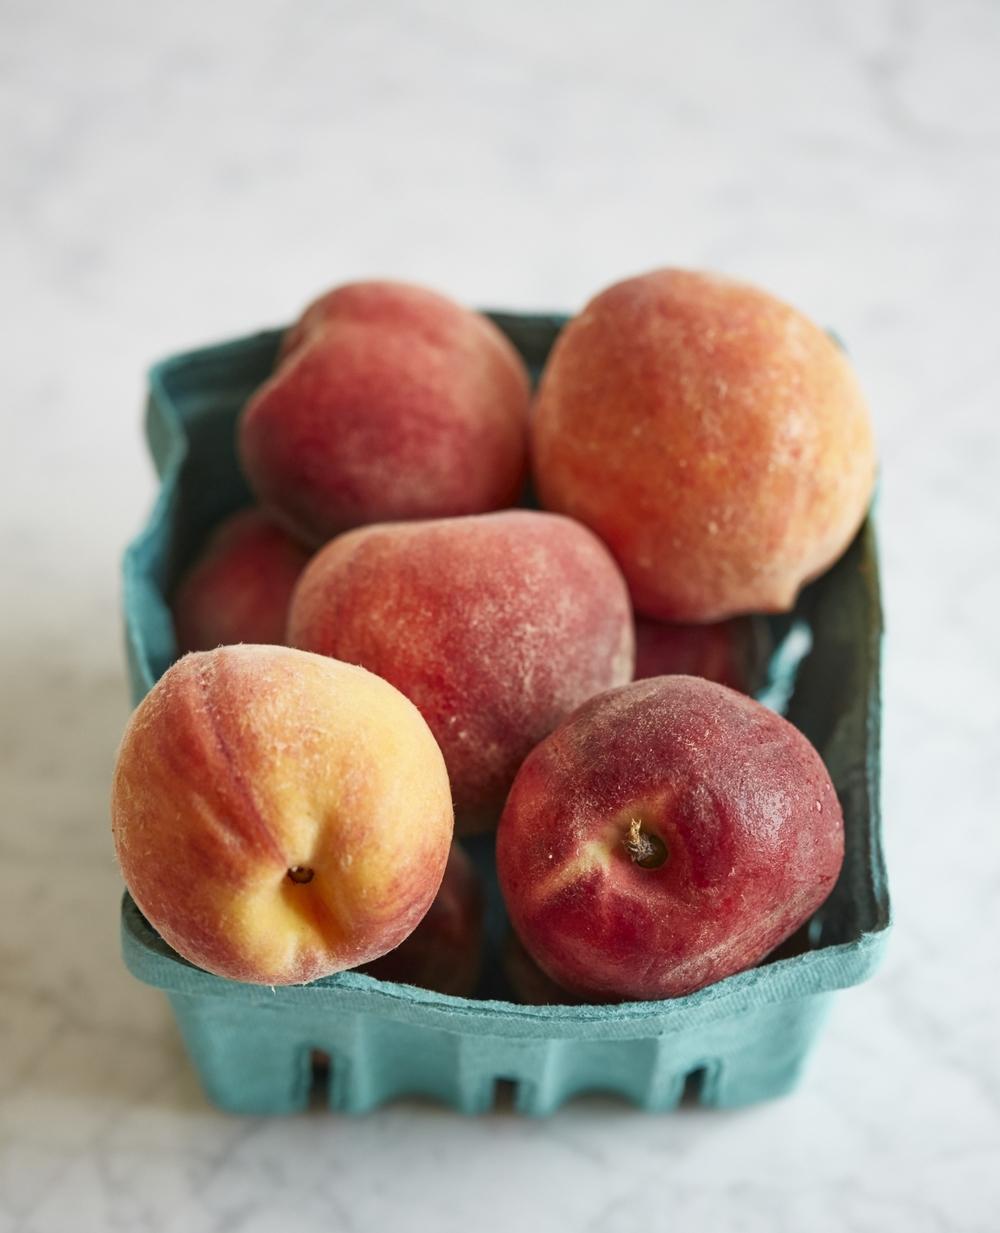 Evi_Abeler-photography-peaches